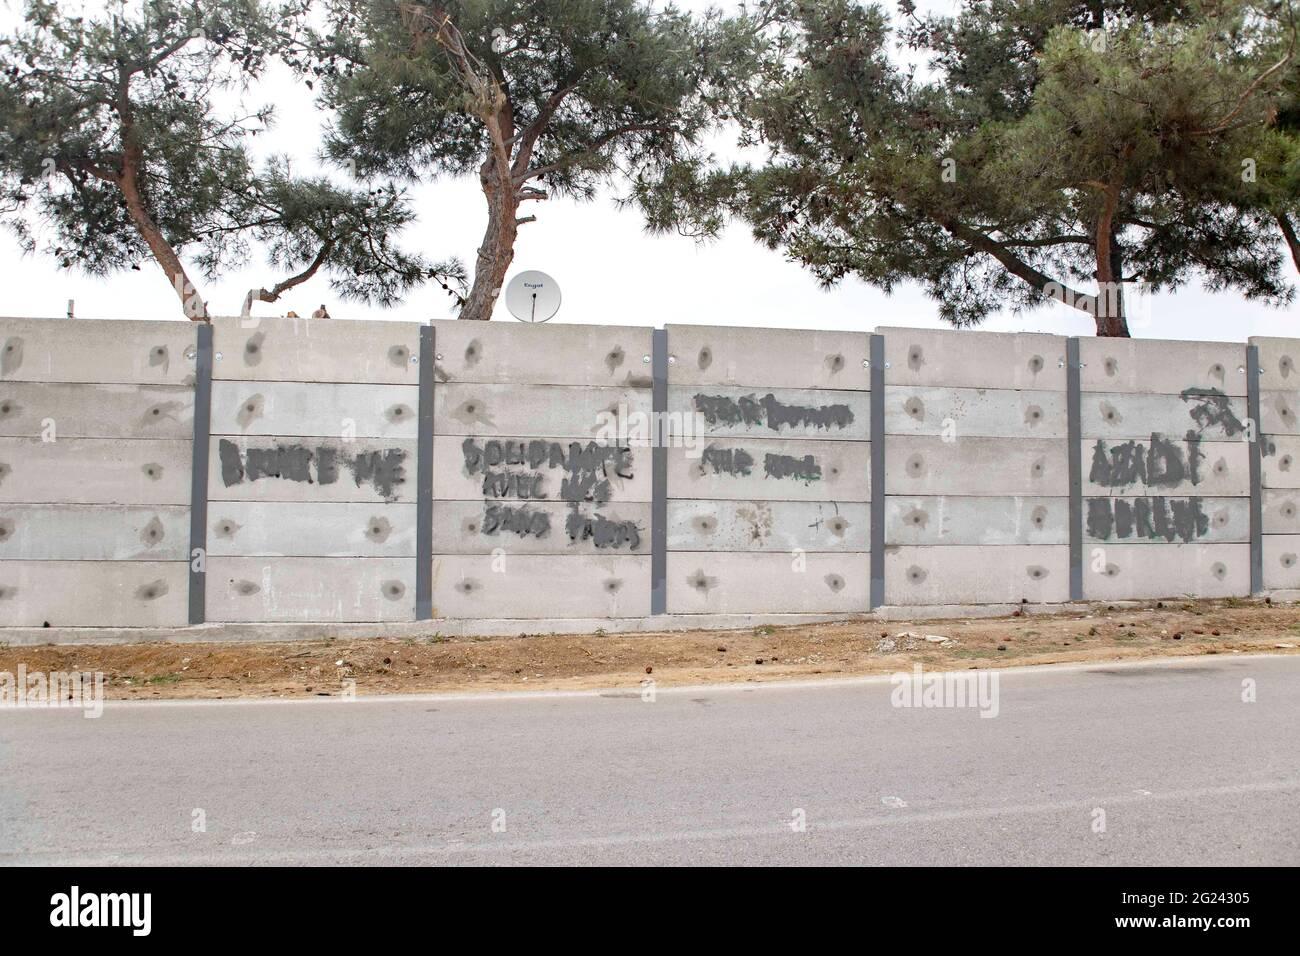 Thessalonique, Grèce. 07e juin 2021. Vue sur un mur gris de 3 mètres construit autour du camp de réfugiés de Diavata près de Thessalonique. De hauts murs en béton sont construits autour de camps de réfugiés sur le continent grec et les îles grecques, un mouvement que la Grèce prétend être à des fins de sécurité. Crédit : SOPA Images Limited/Alamy Live News Banque D'Images